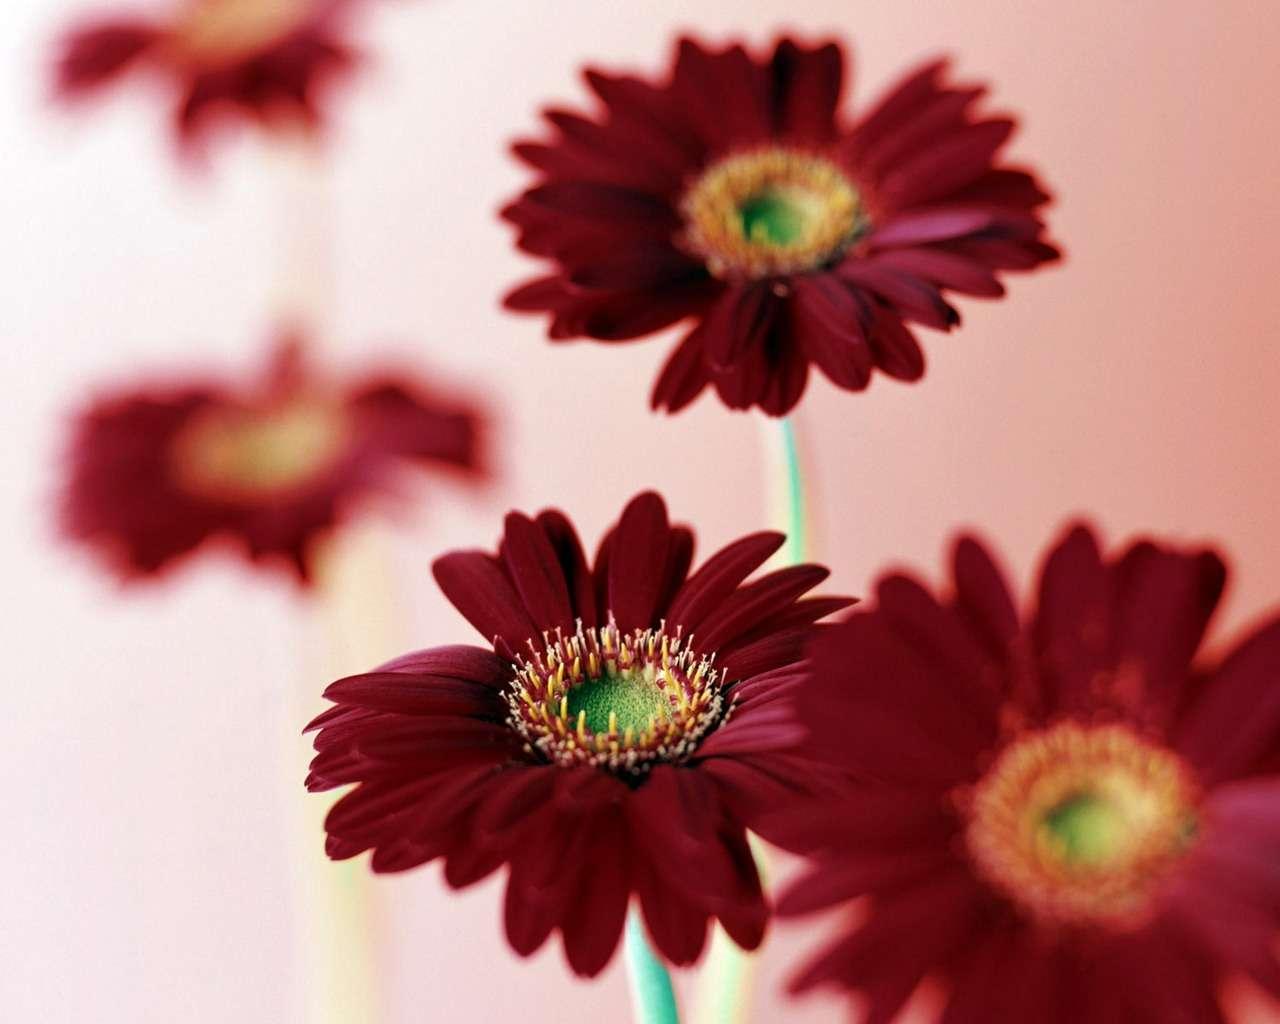 بالصور خلفية ورود وصو زهور جميلة 9a8a189db7eb93aaf53f0a7ca68eeb07